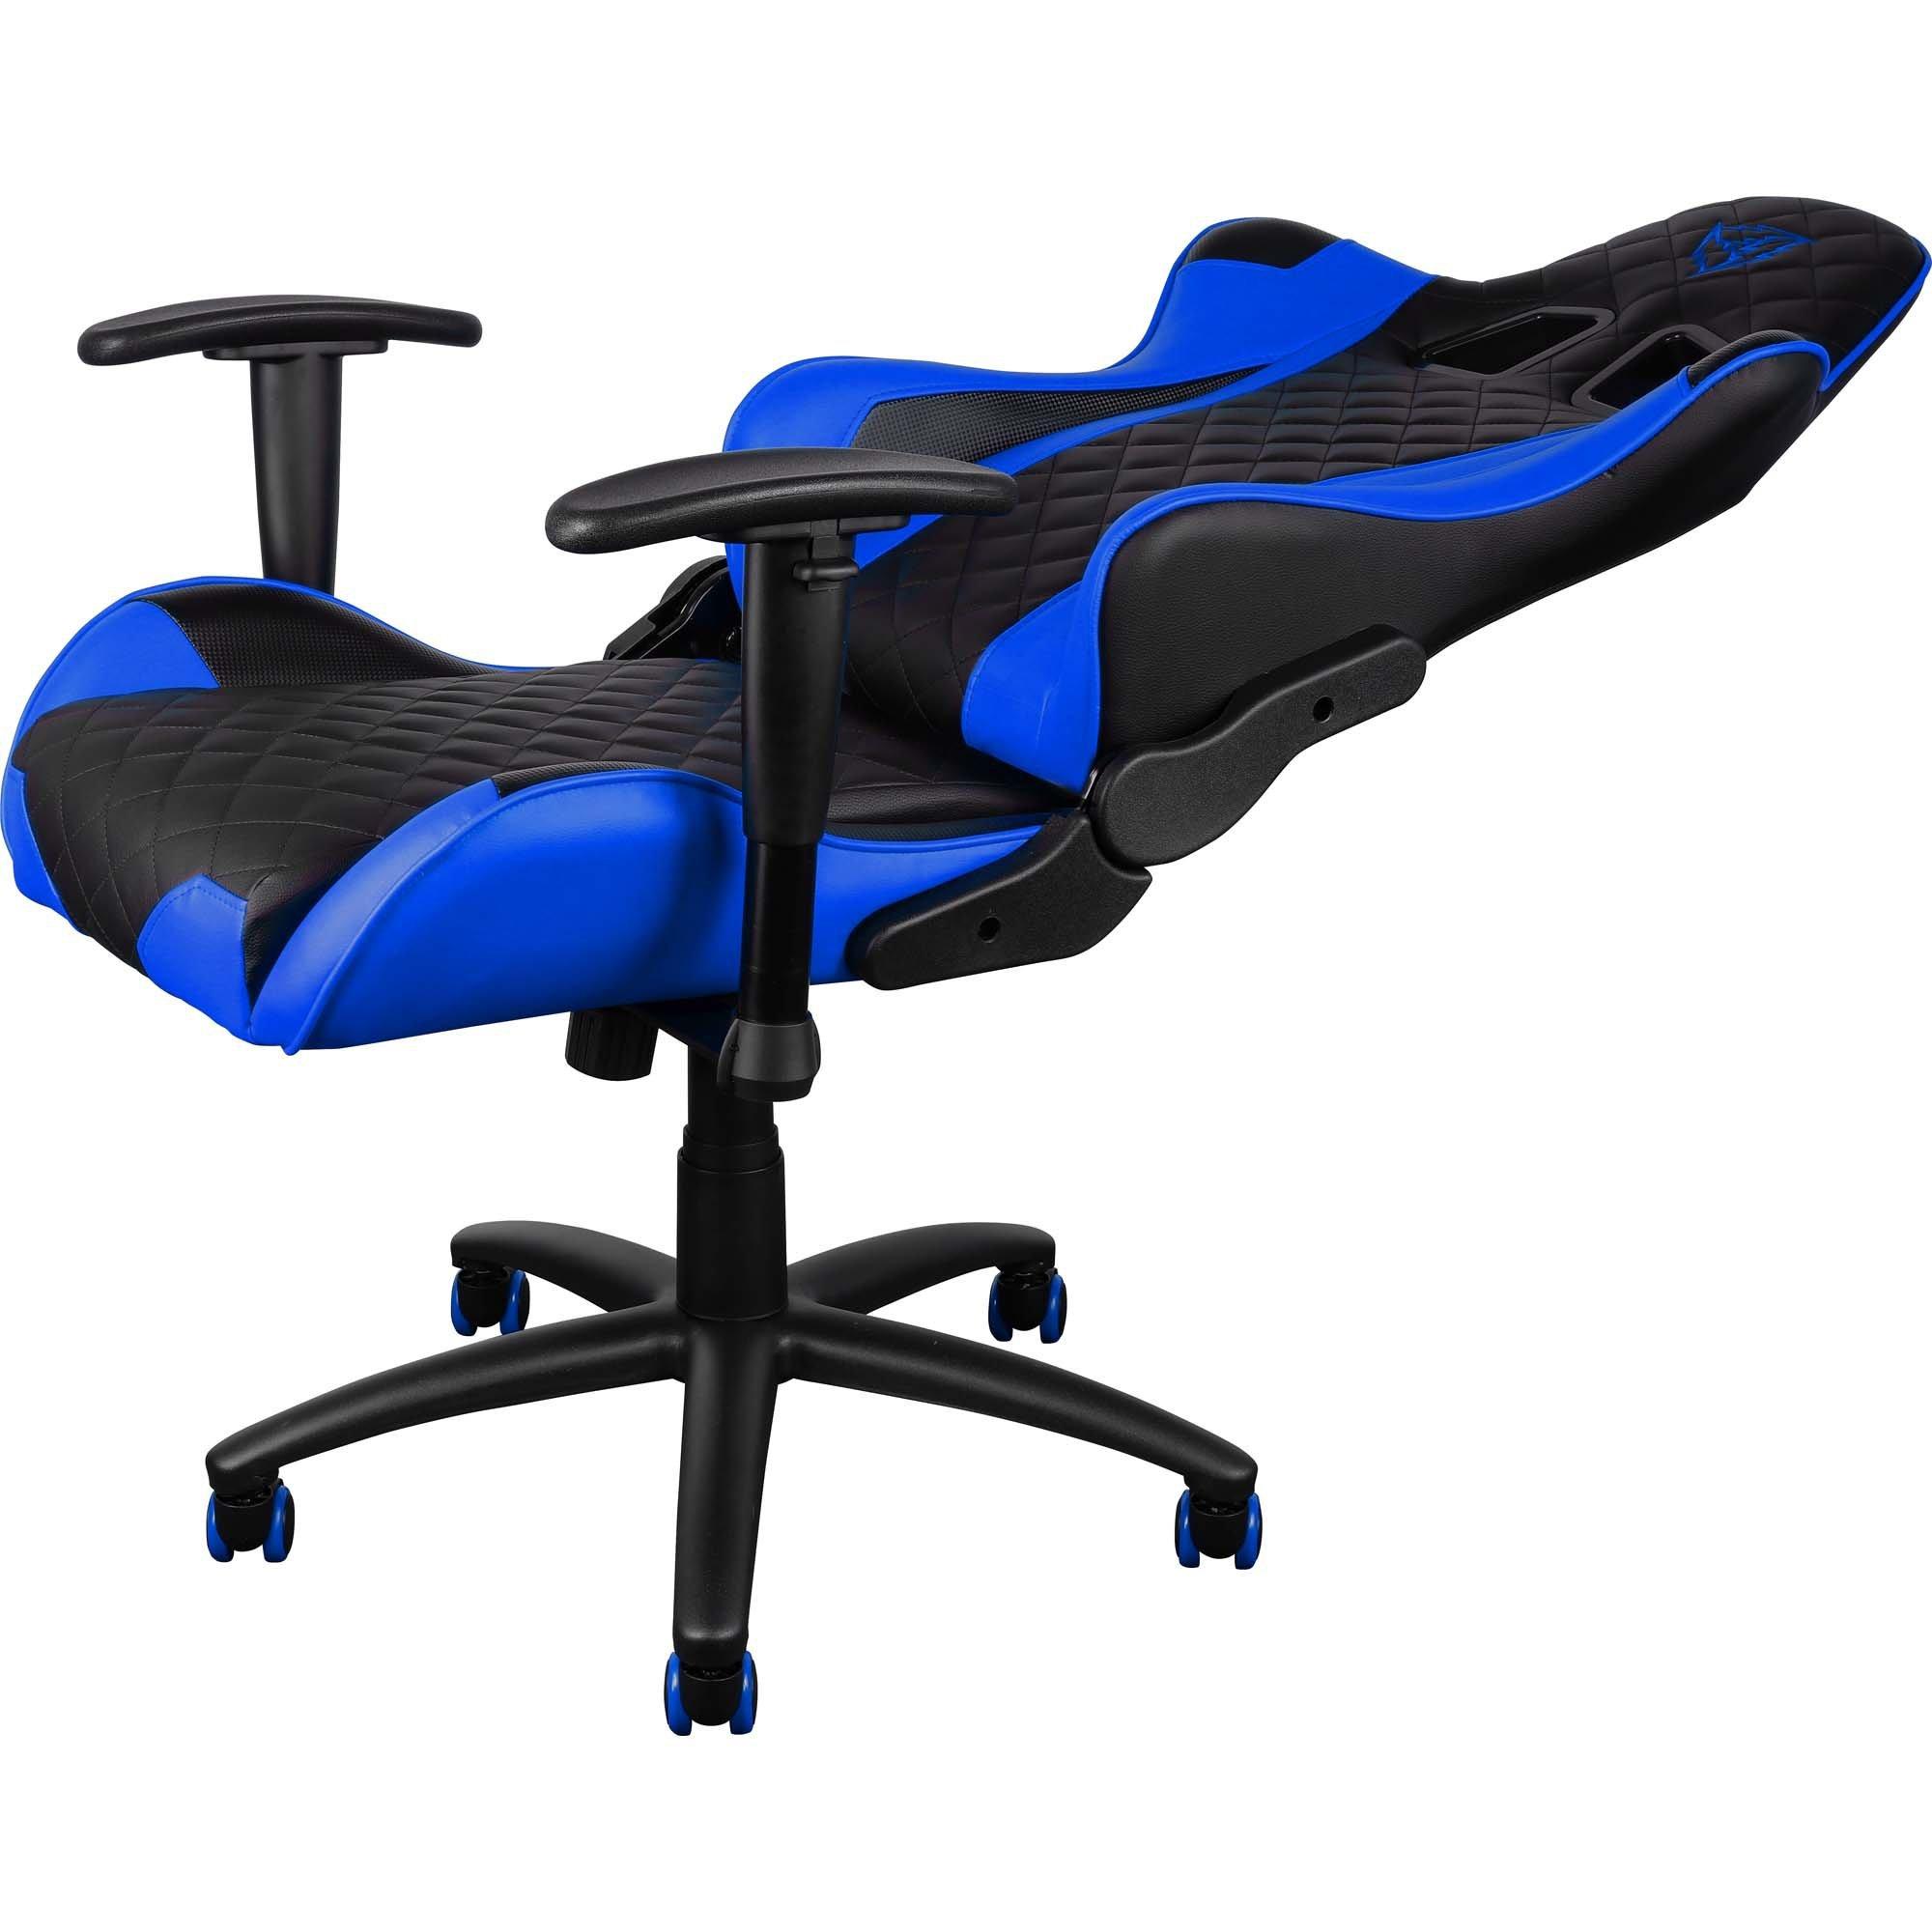 cadeira gamer aproveite enquanto durar o estoque preta azul thunderx3 profissional tgc12 43831 2000 191599 1